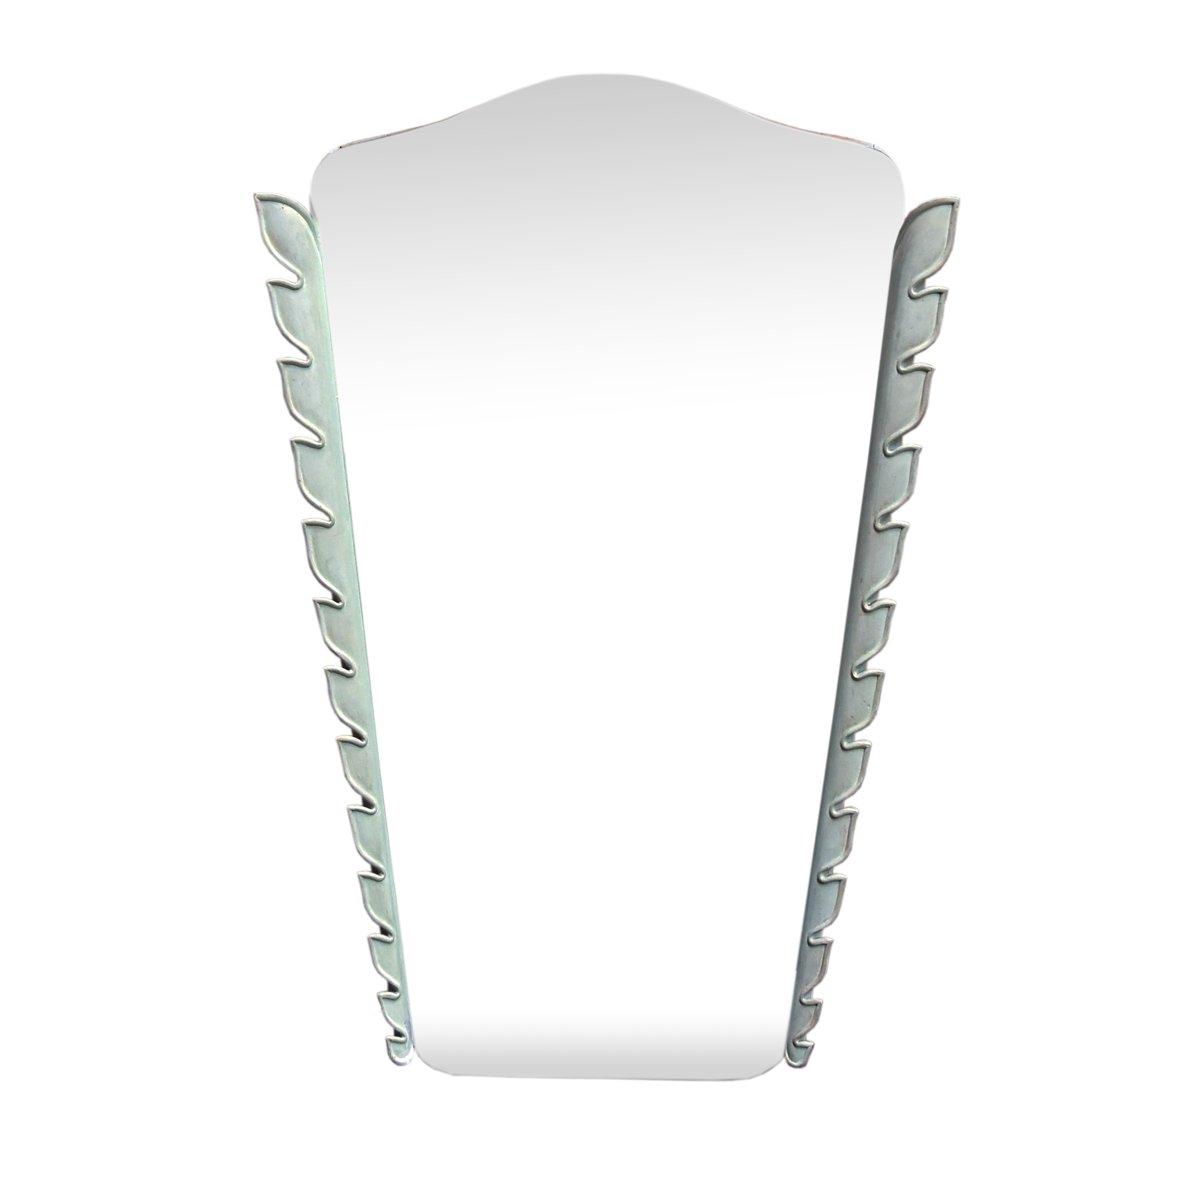 italienischer spiegel mit rahmen aus geschnitztem holz. Black Bedroom Furniture Sets. Home Design Ideas